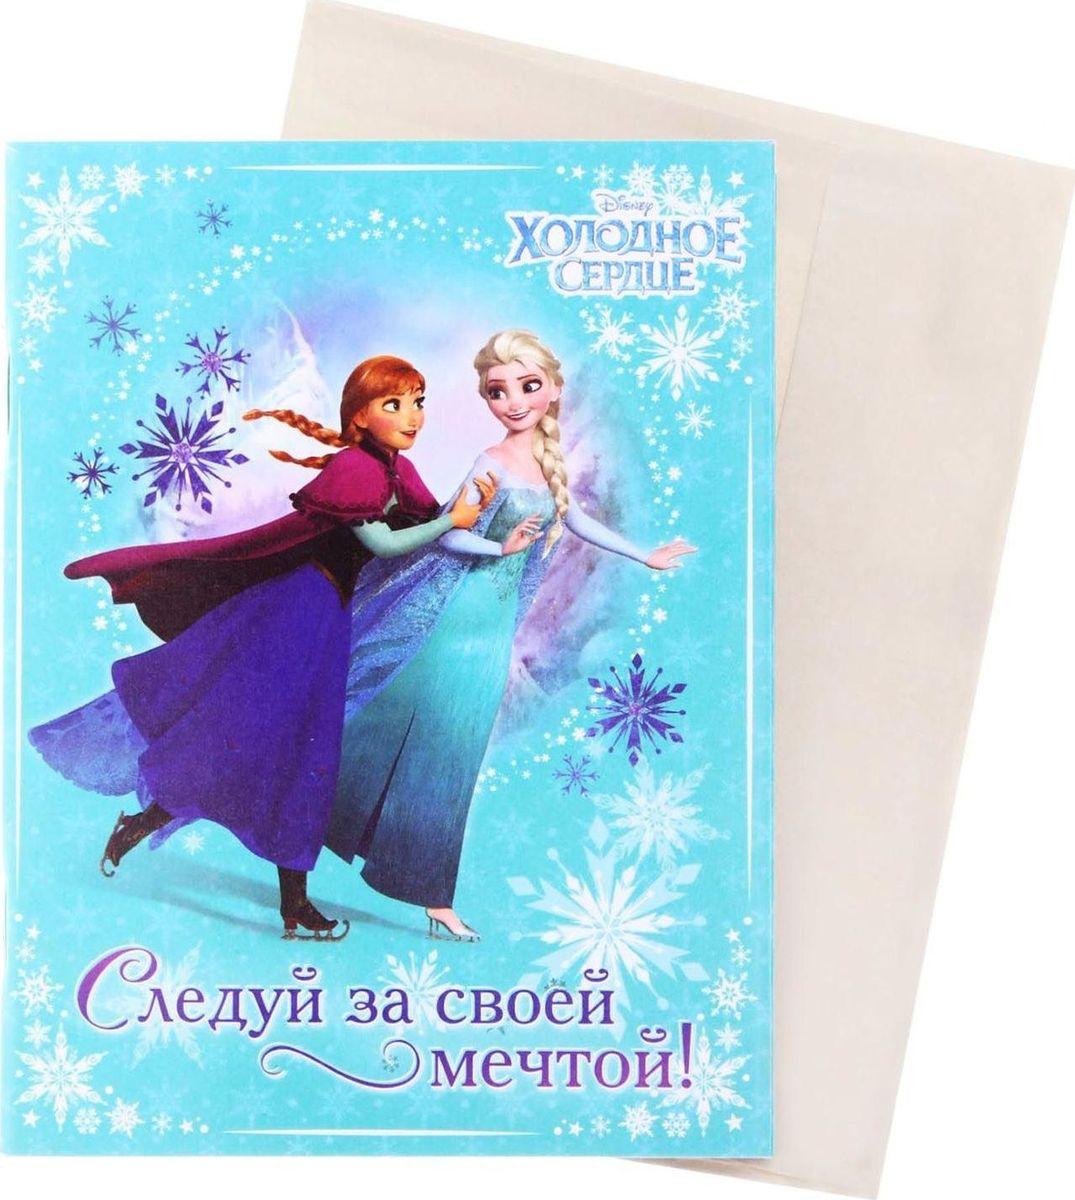 Disney Блокнот-открытка Холодное сердце Следуй за своей мечтой 32 листа72523WDПеред вами уникальная разработка нашего креативного отдела. С одной стороны, это яркая открытка с героями любимого мультфильма, а стоит заглянуть внутрь, и вы найдете 32 дизайнерских листа с бархатной фактурой. Роскошный сувенир, разработанный специально для маленьких принцесс. В отличие от обычной открытки, которая зачастую просто пылиться в шкафу, блокнотом Следуй за своей мечтой приятно пользоваться! Все элементы украшены милыми комплиментами и советами для юных красавиц. Герои мультика Холодное сердце изображены на обложке блокнота и на внутренних листах, так что каждая запись приносит еще больше удовольствия. В подарок к блокноту-открытке вложен универсальный конверт. Подпишите его, открытку и вручите сувенир адресату на любой праздник.